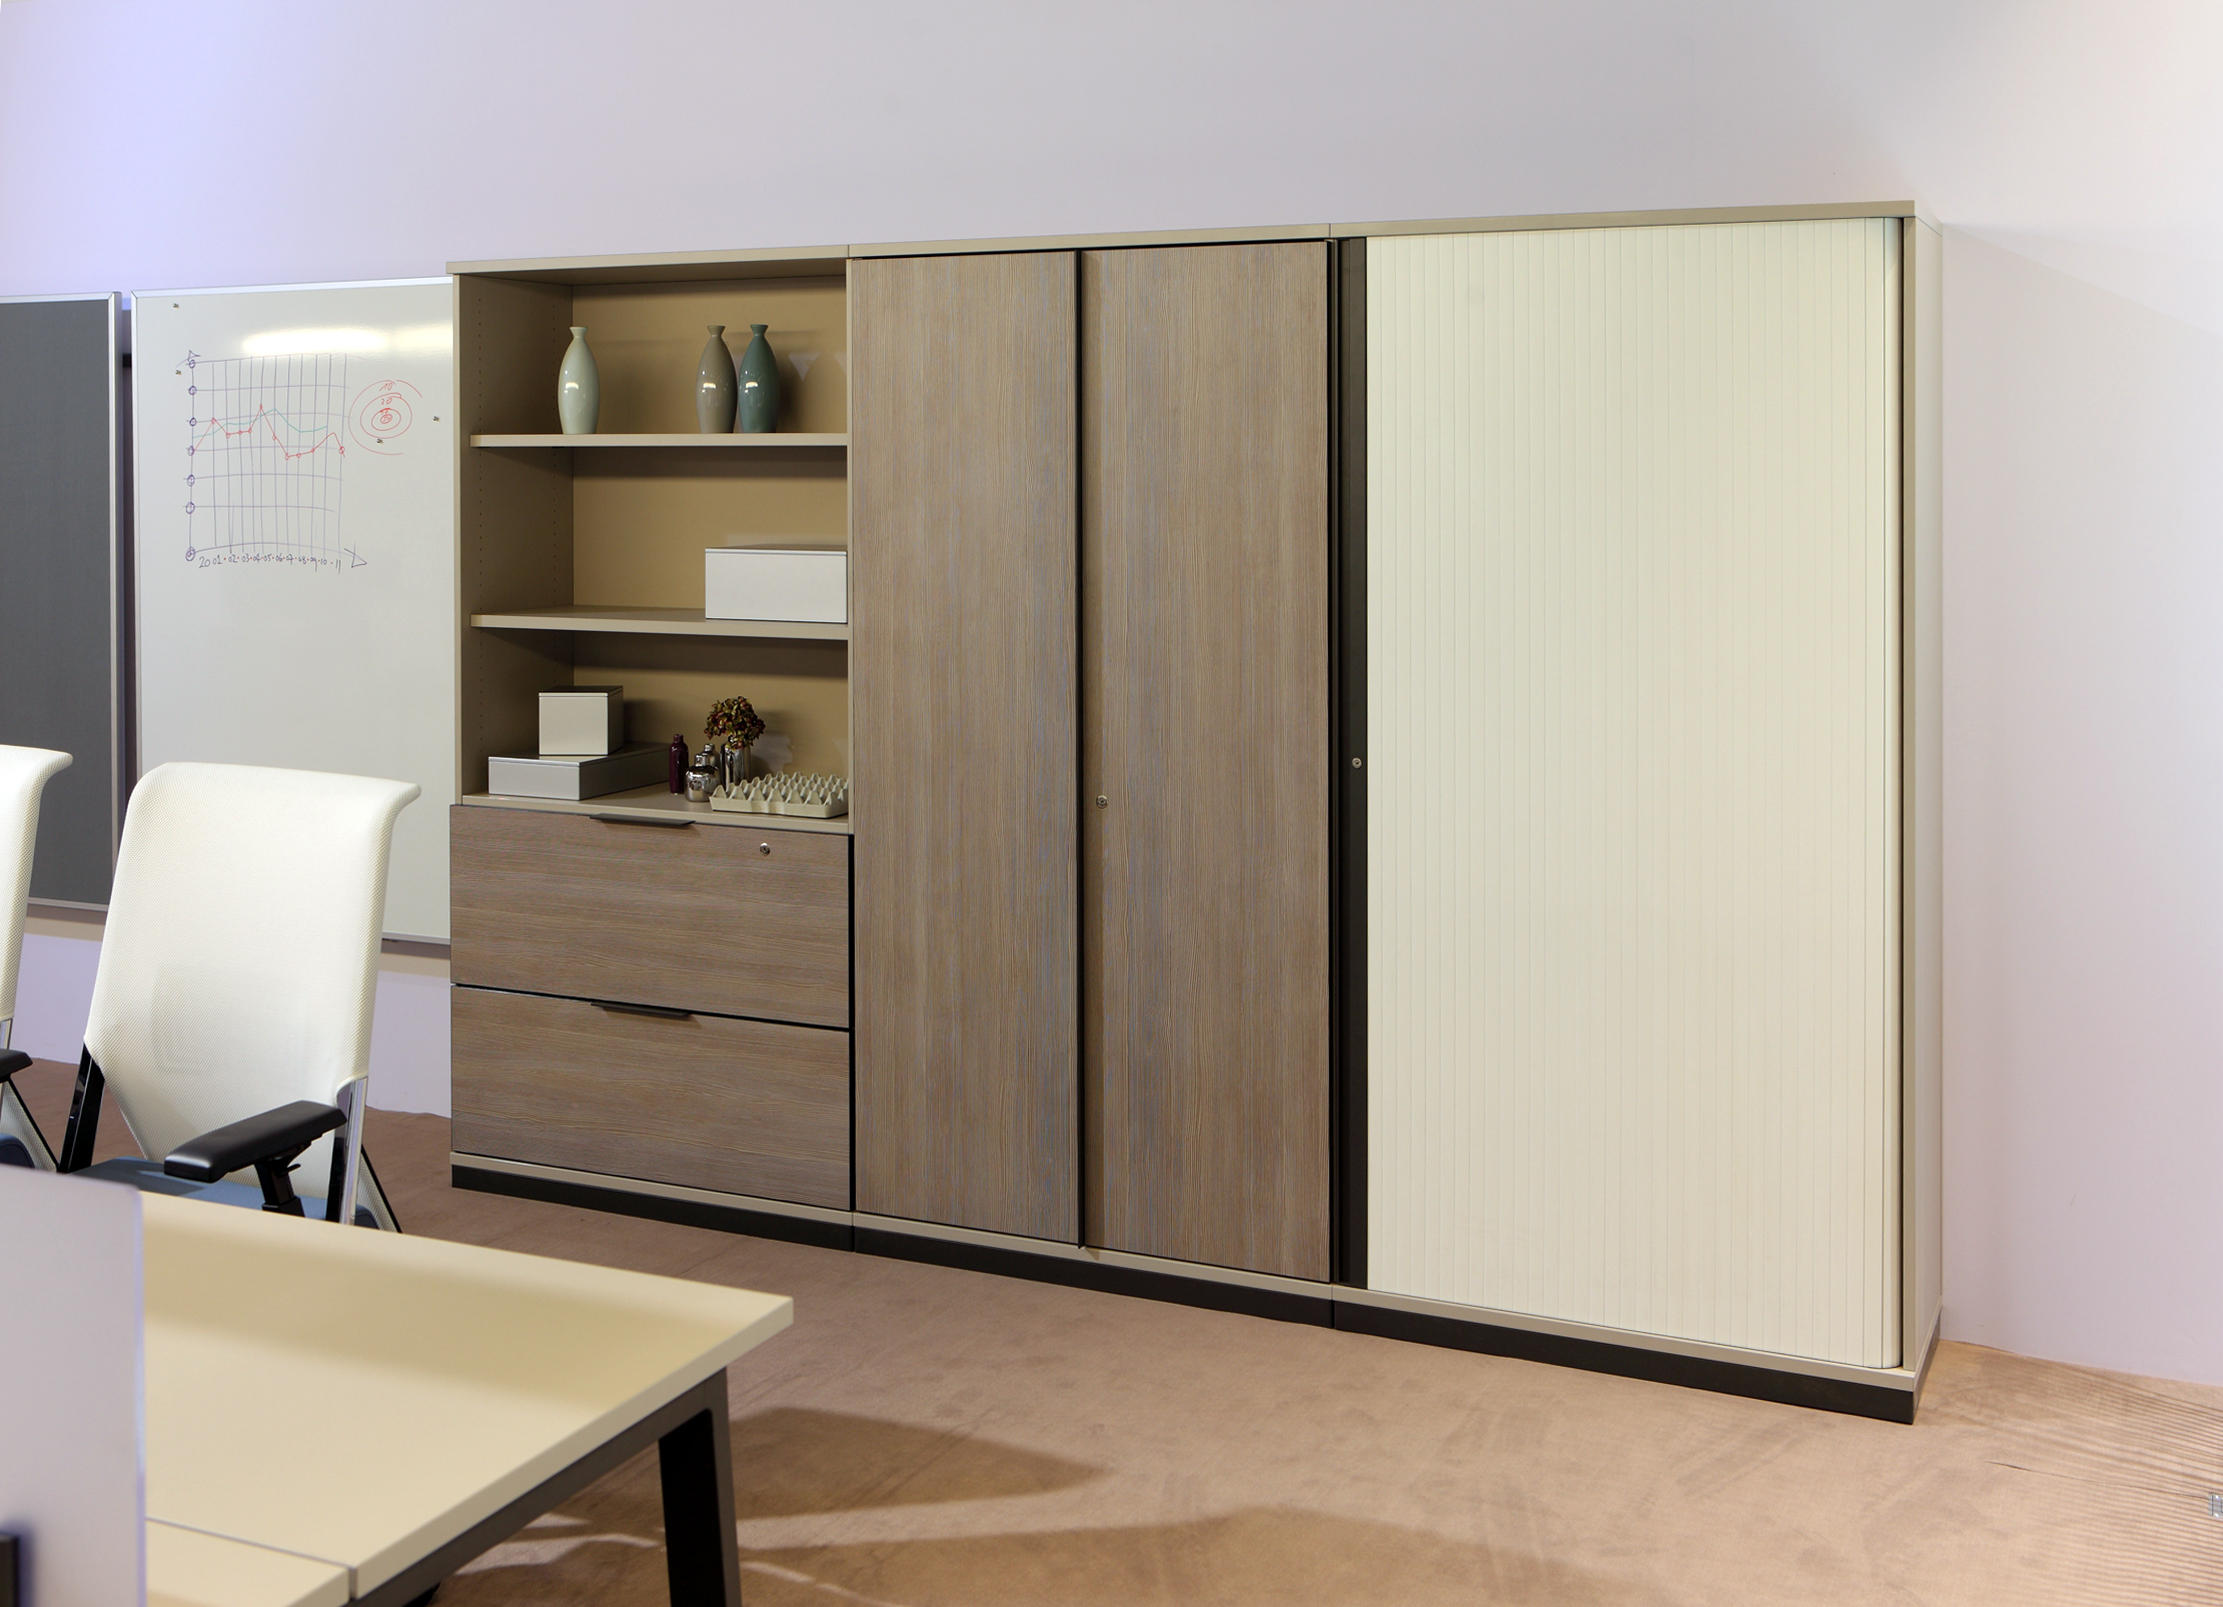 Vados meubles de rangement de haworth architonic for Meuble bureau 2 main